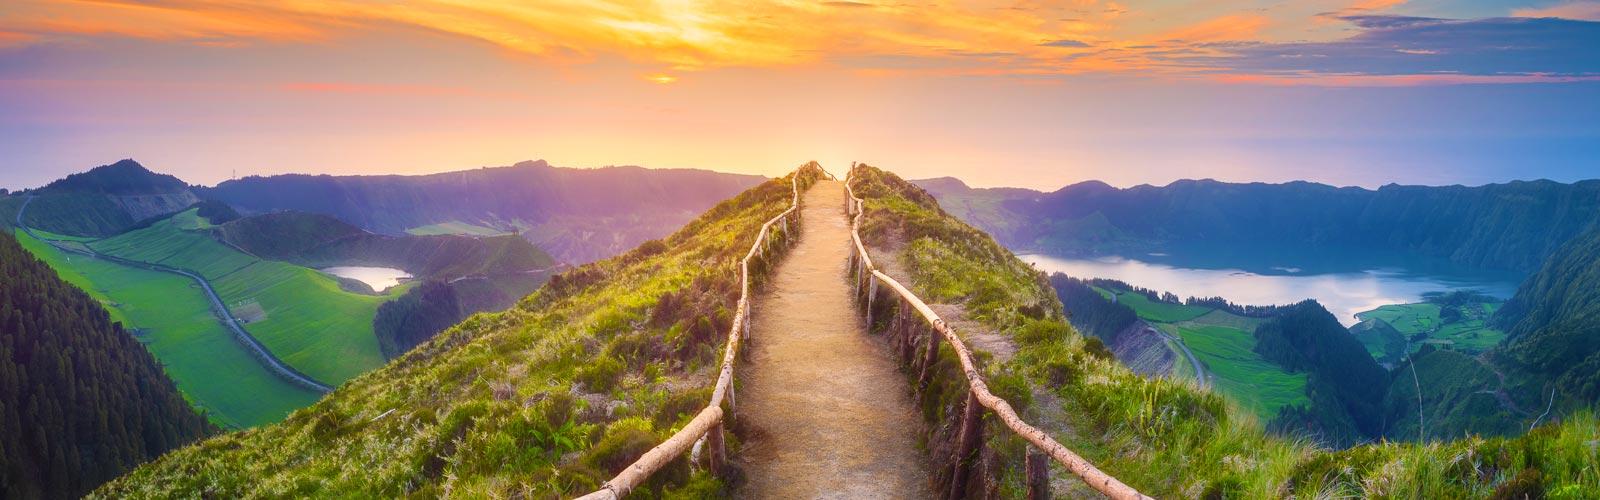 Viaje de autora a Azores. 26 Oct.